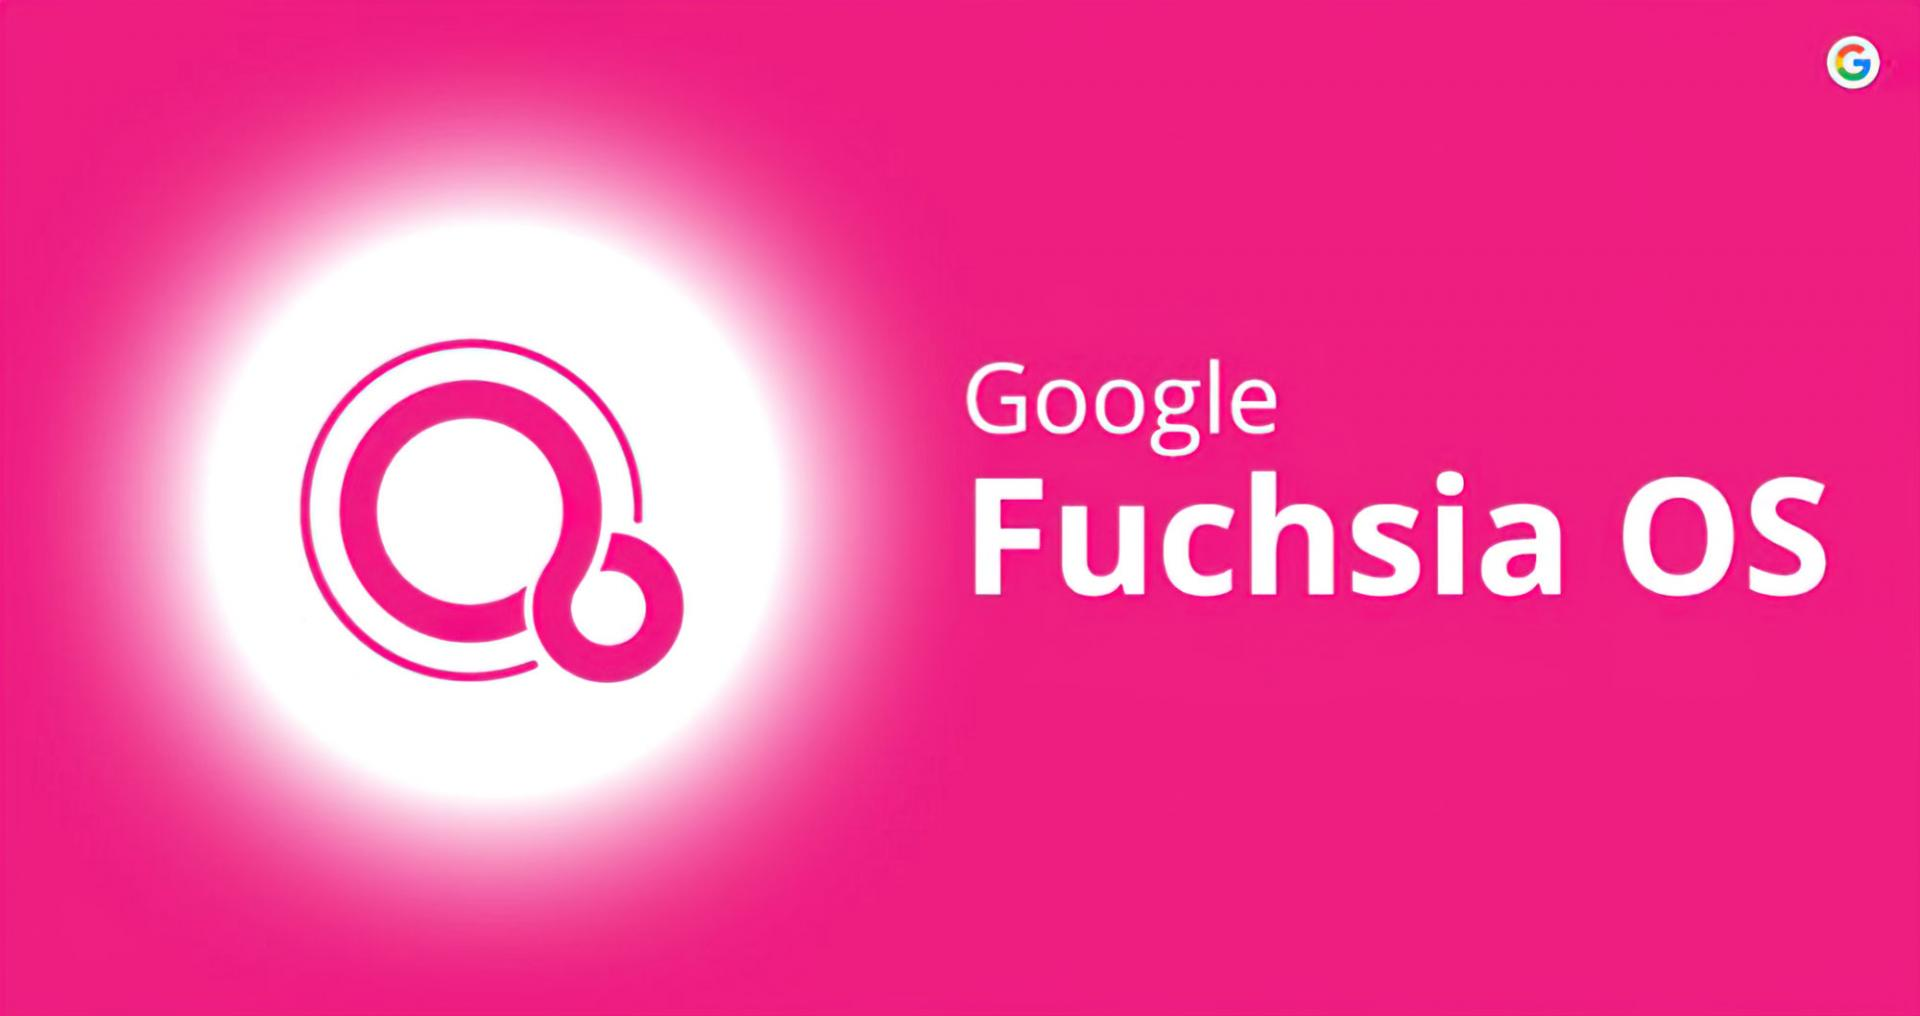 Инди-разработчики нашли простой способ опробовать Fuchsia OS на ПК